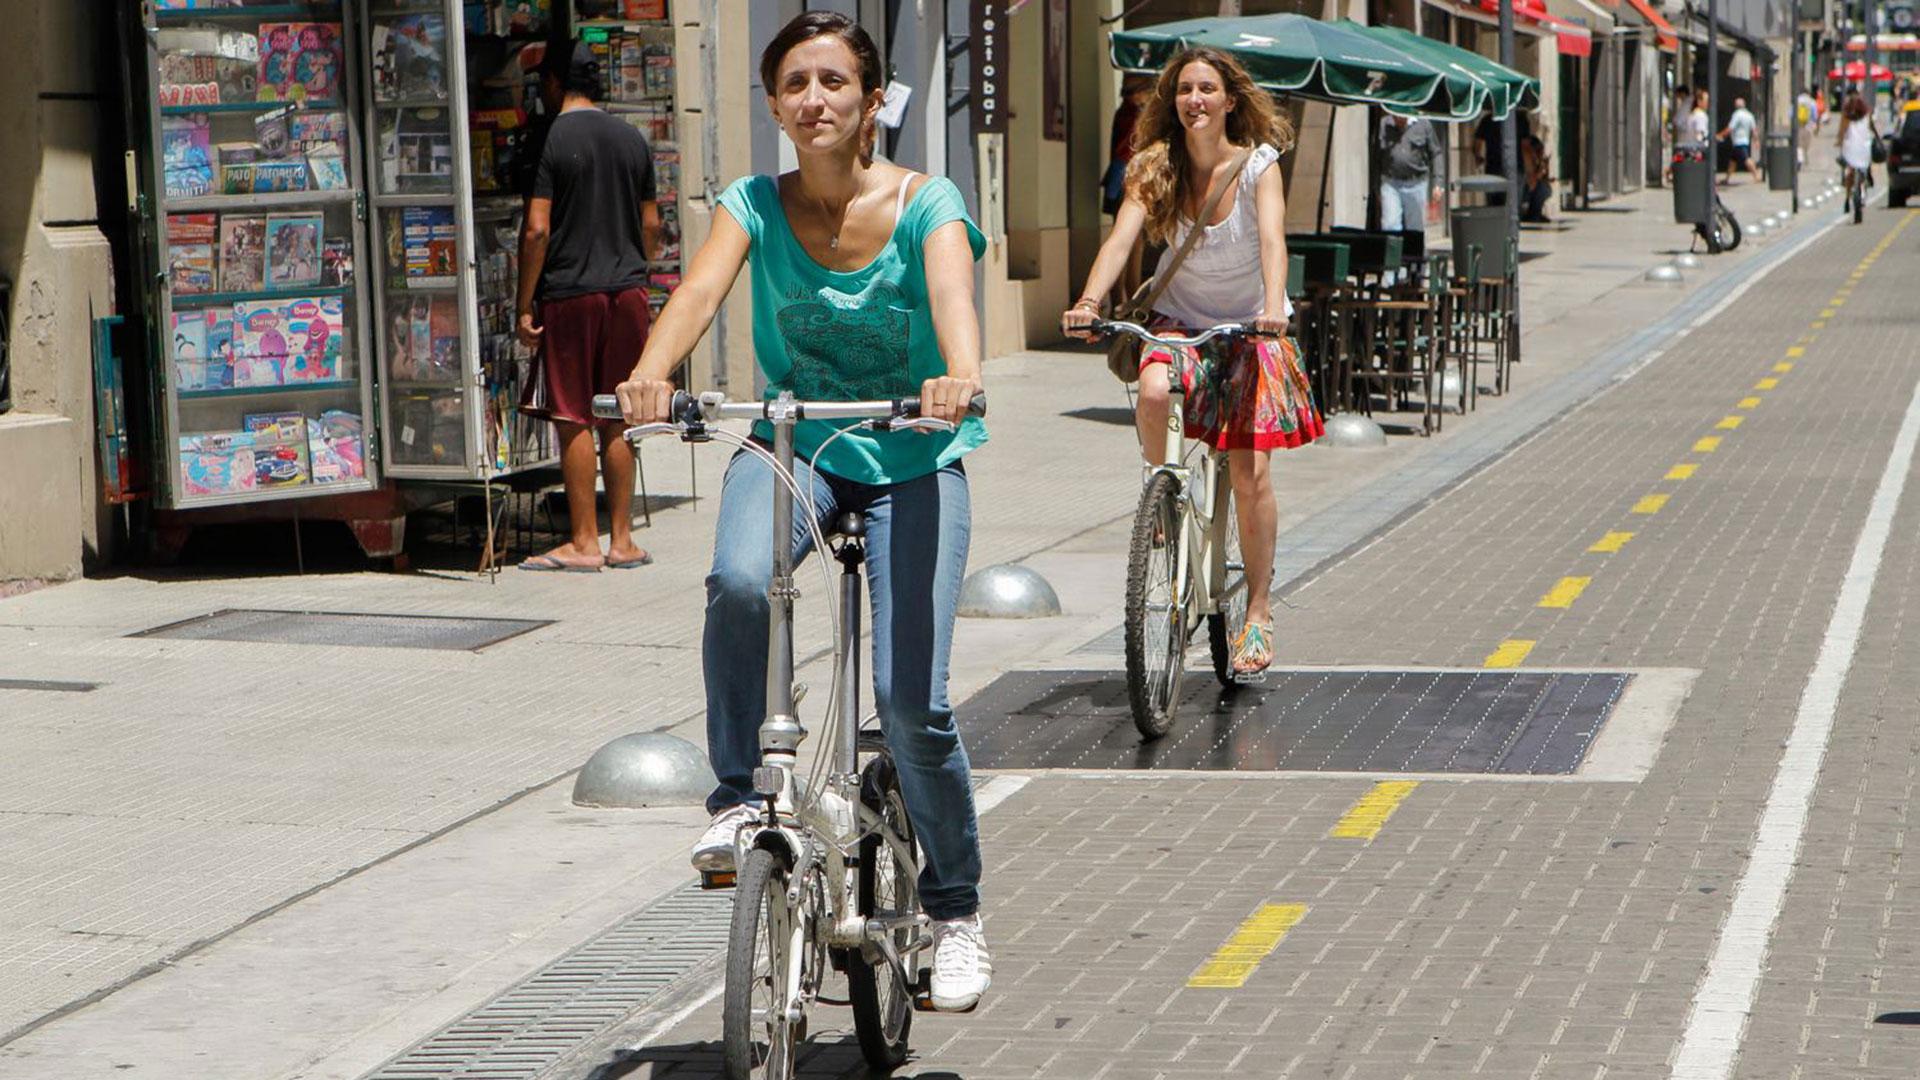 Uso de la vereda y las vías públicas por parte de los ciclistas y sanciones por mal uso